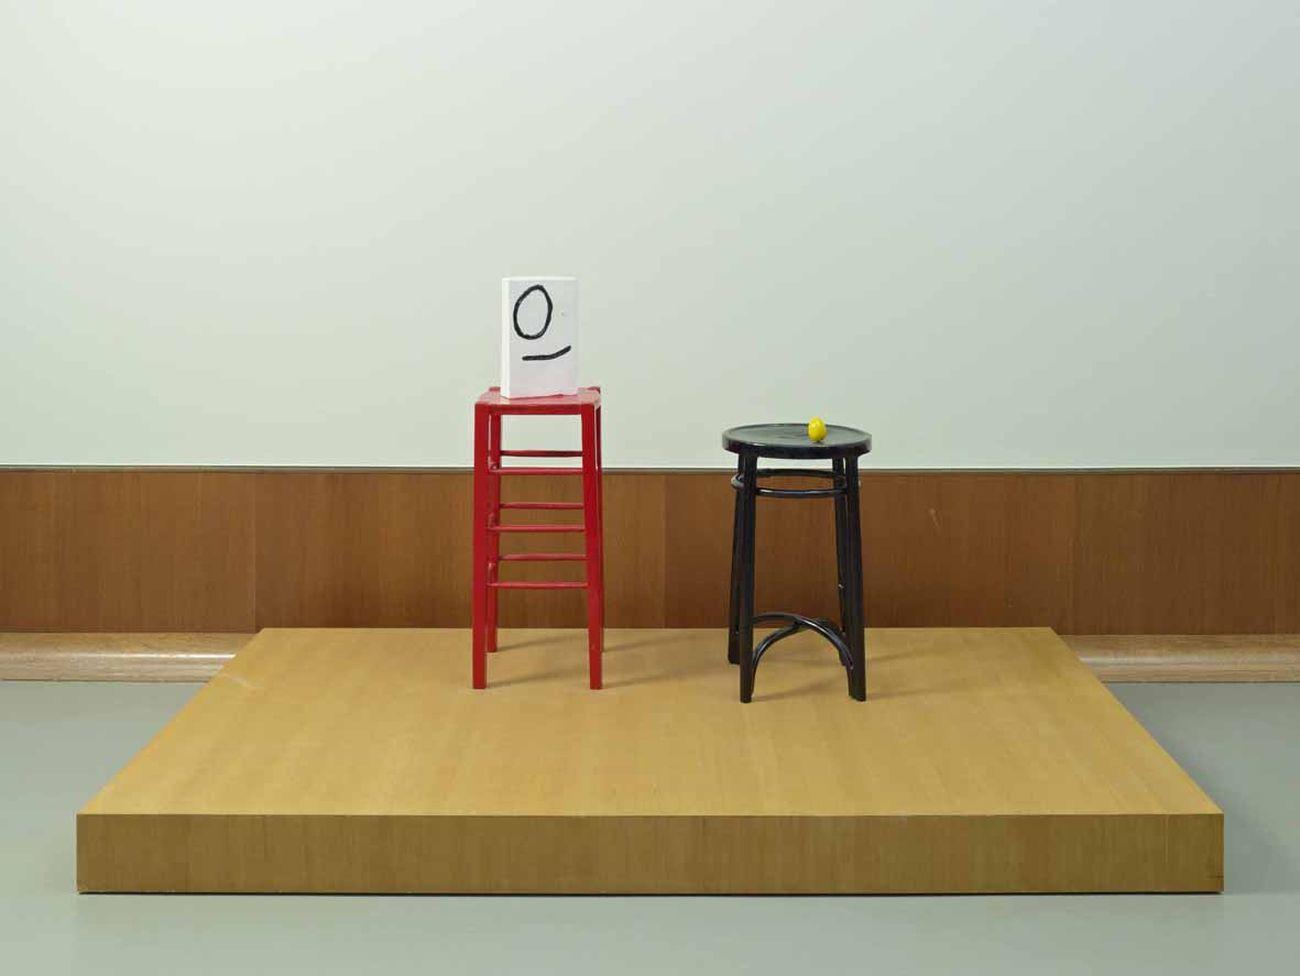 Joan Miró, Monsieur et Madame, 1969. Museum Boijmans Van Beuningen, Rotterdam. Photo Jannes Linders (c) Joan Miró, Successió Miró by SIAE 2018